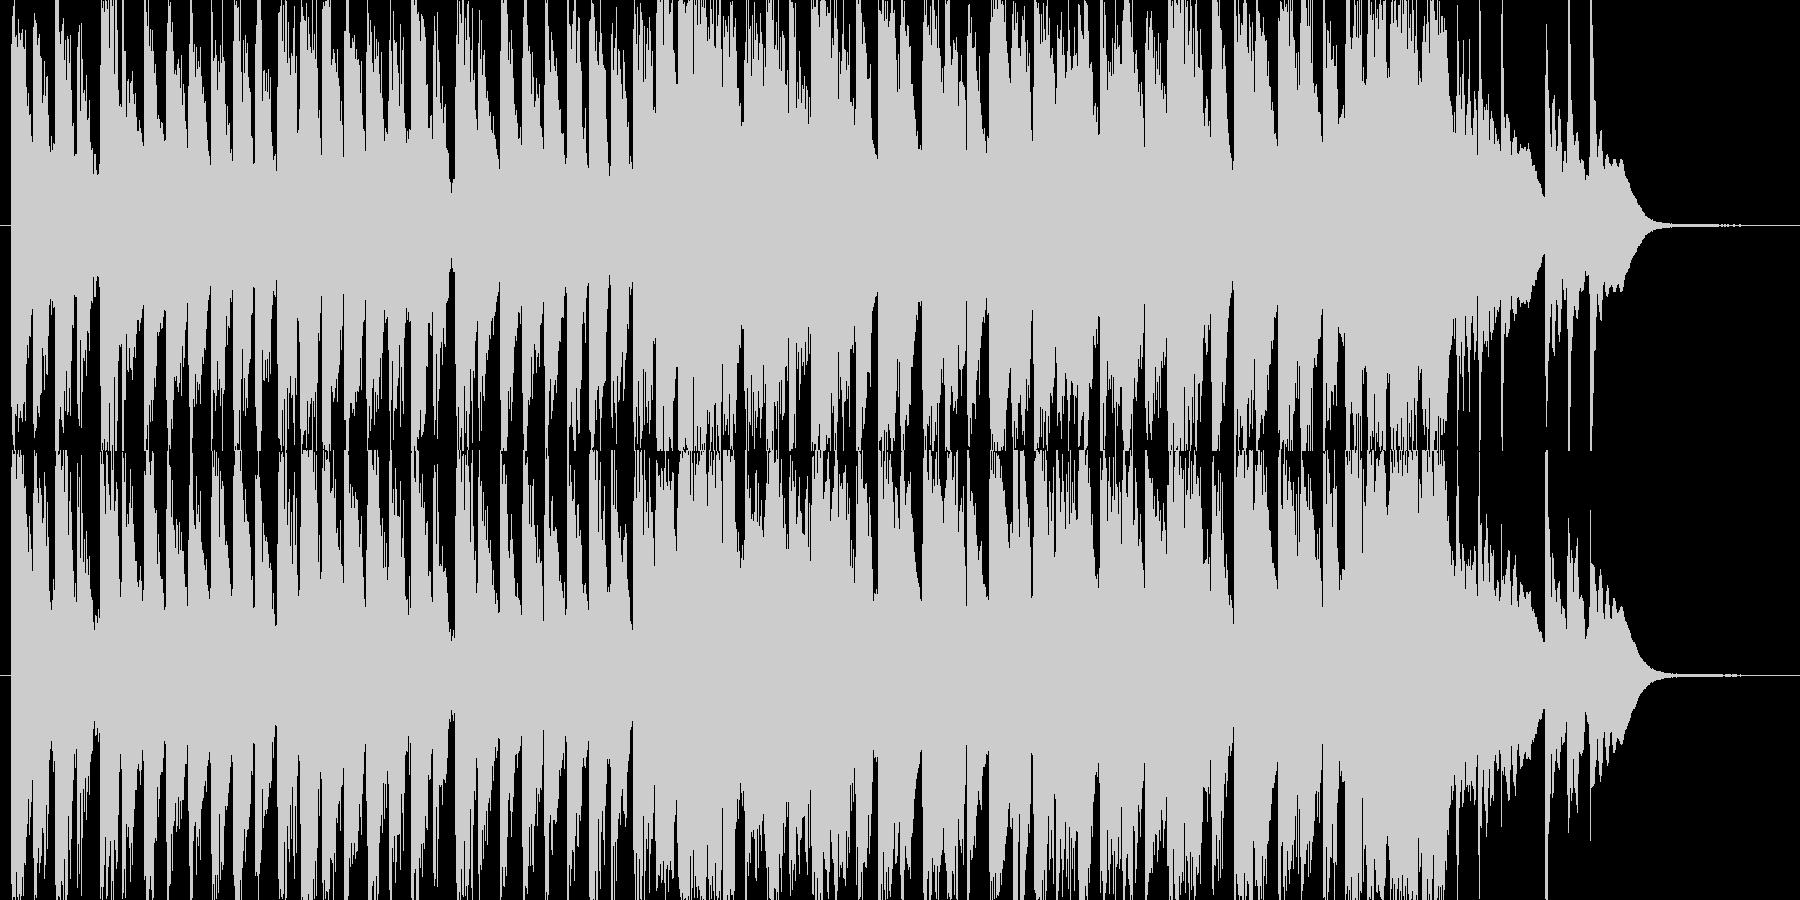 ポップでキュートなエレクトロニカの未再生の波形